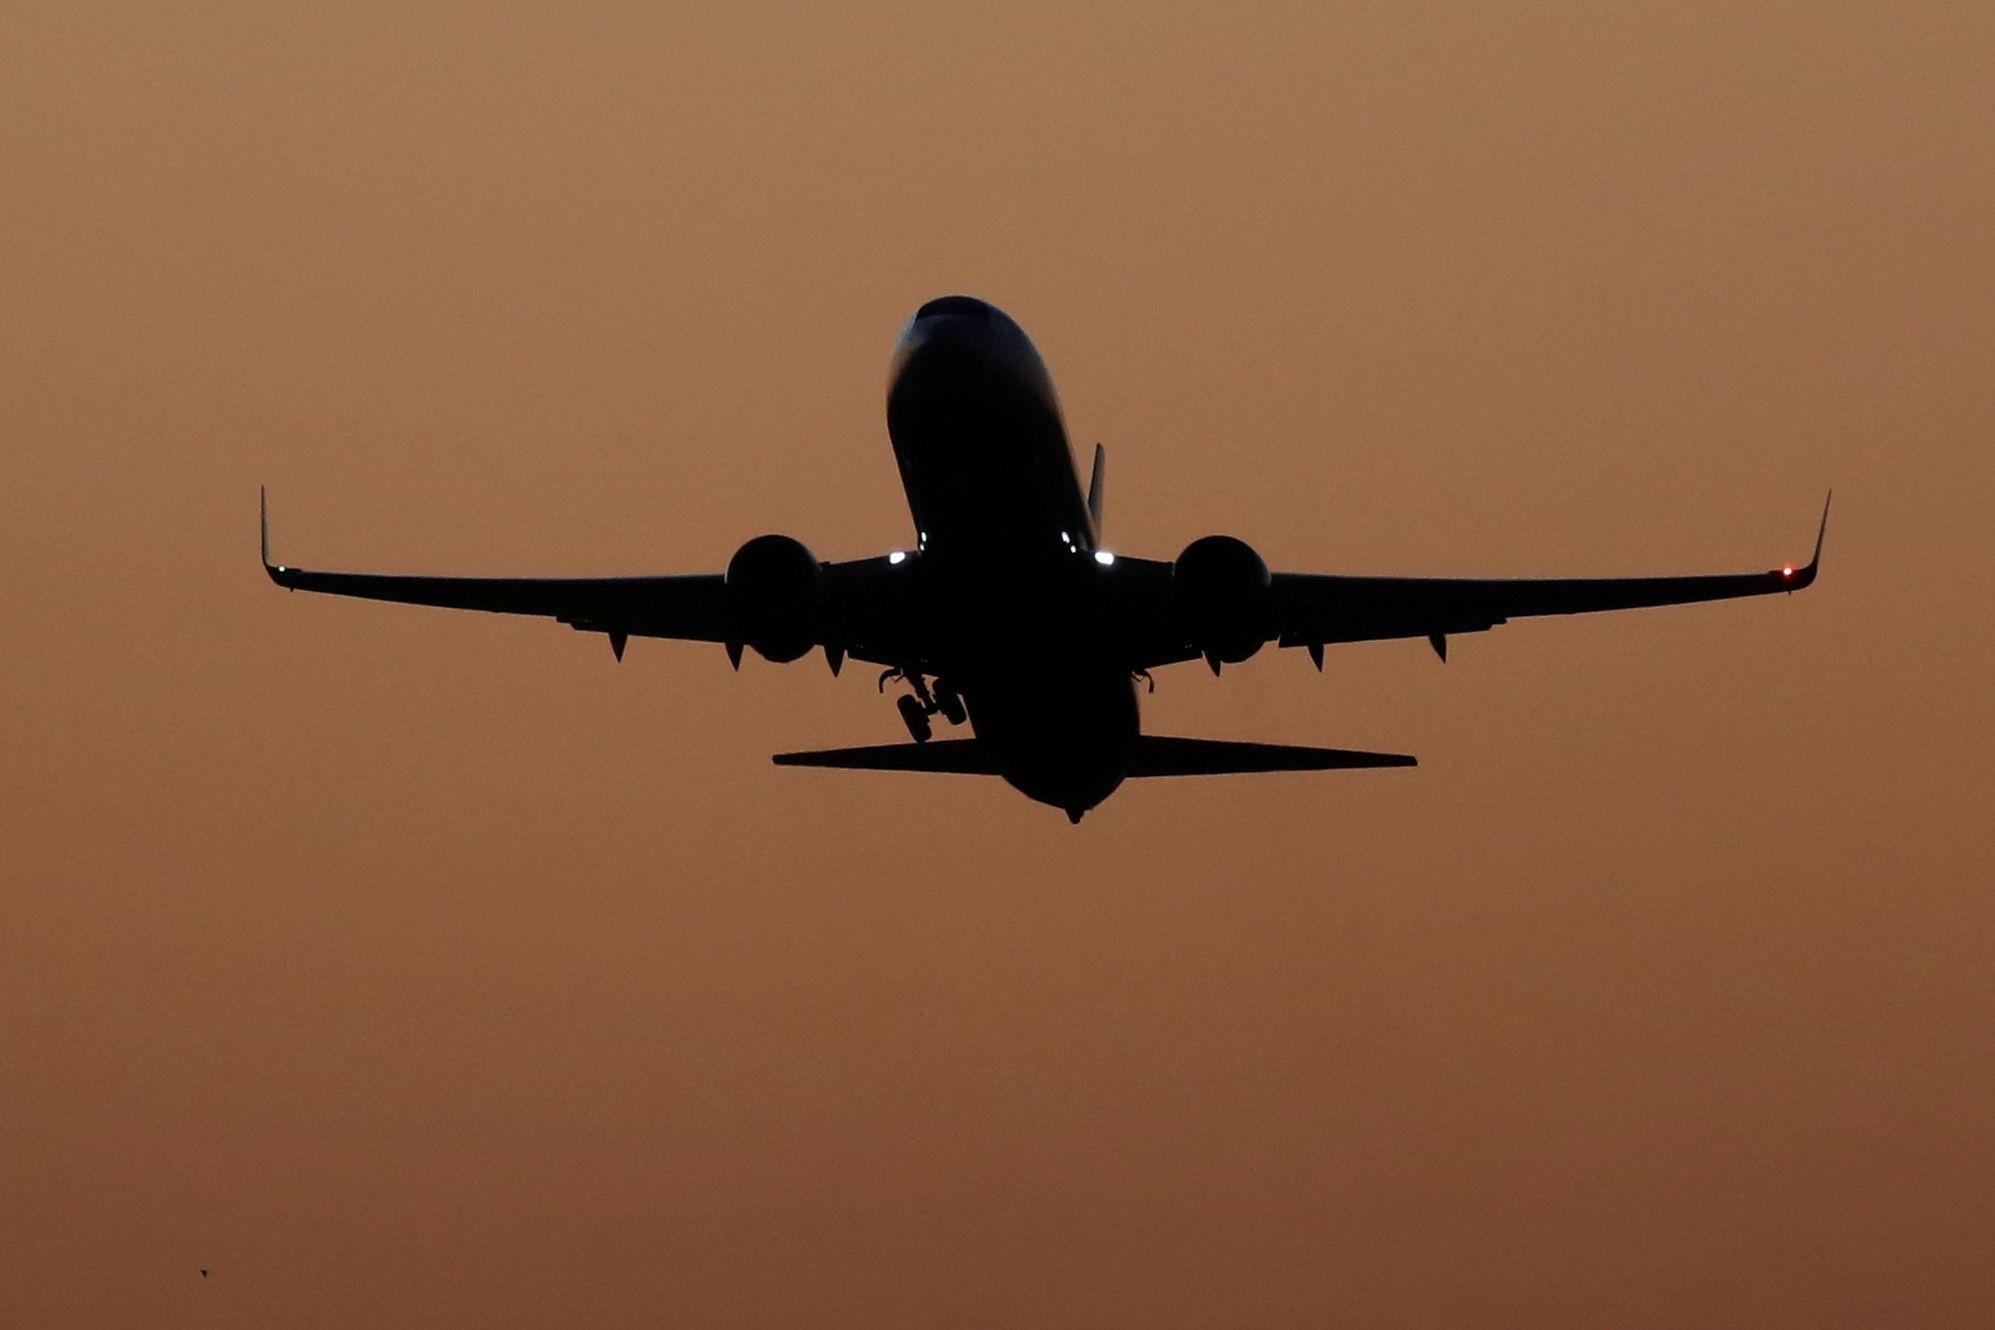 Mulher abusada sexualmente a bordo de avião da United. Homem absolvido